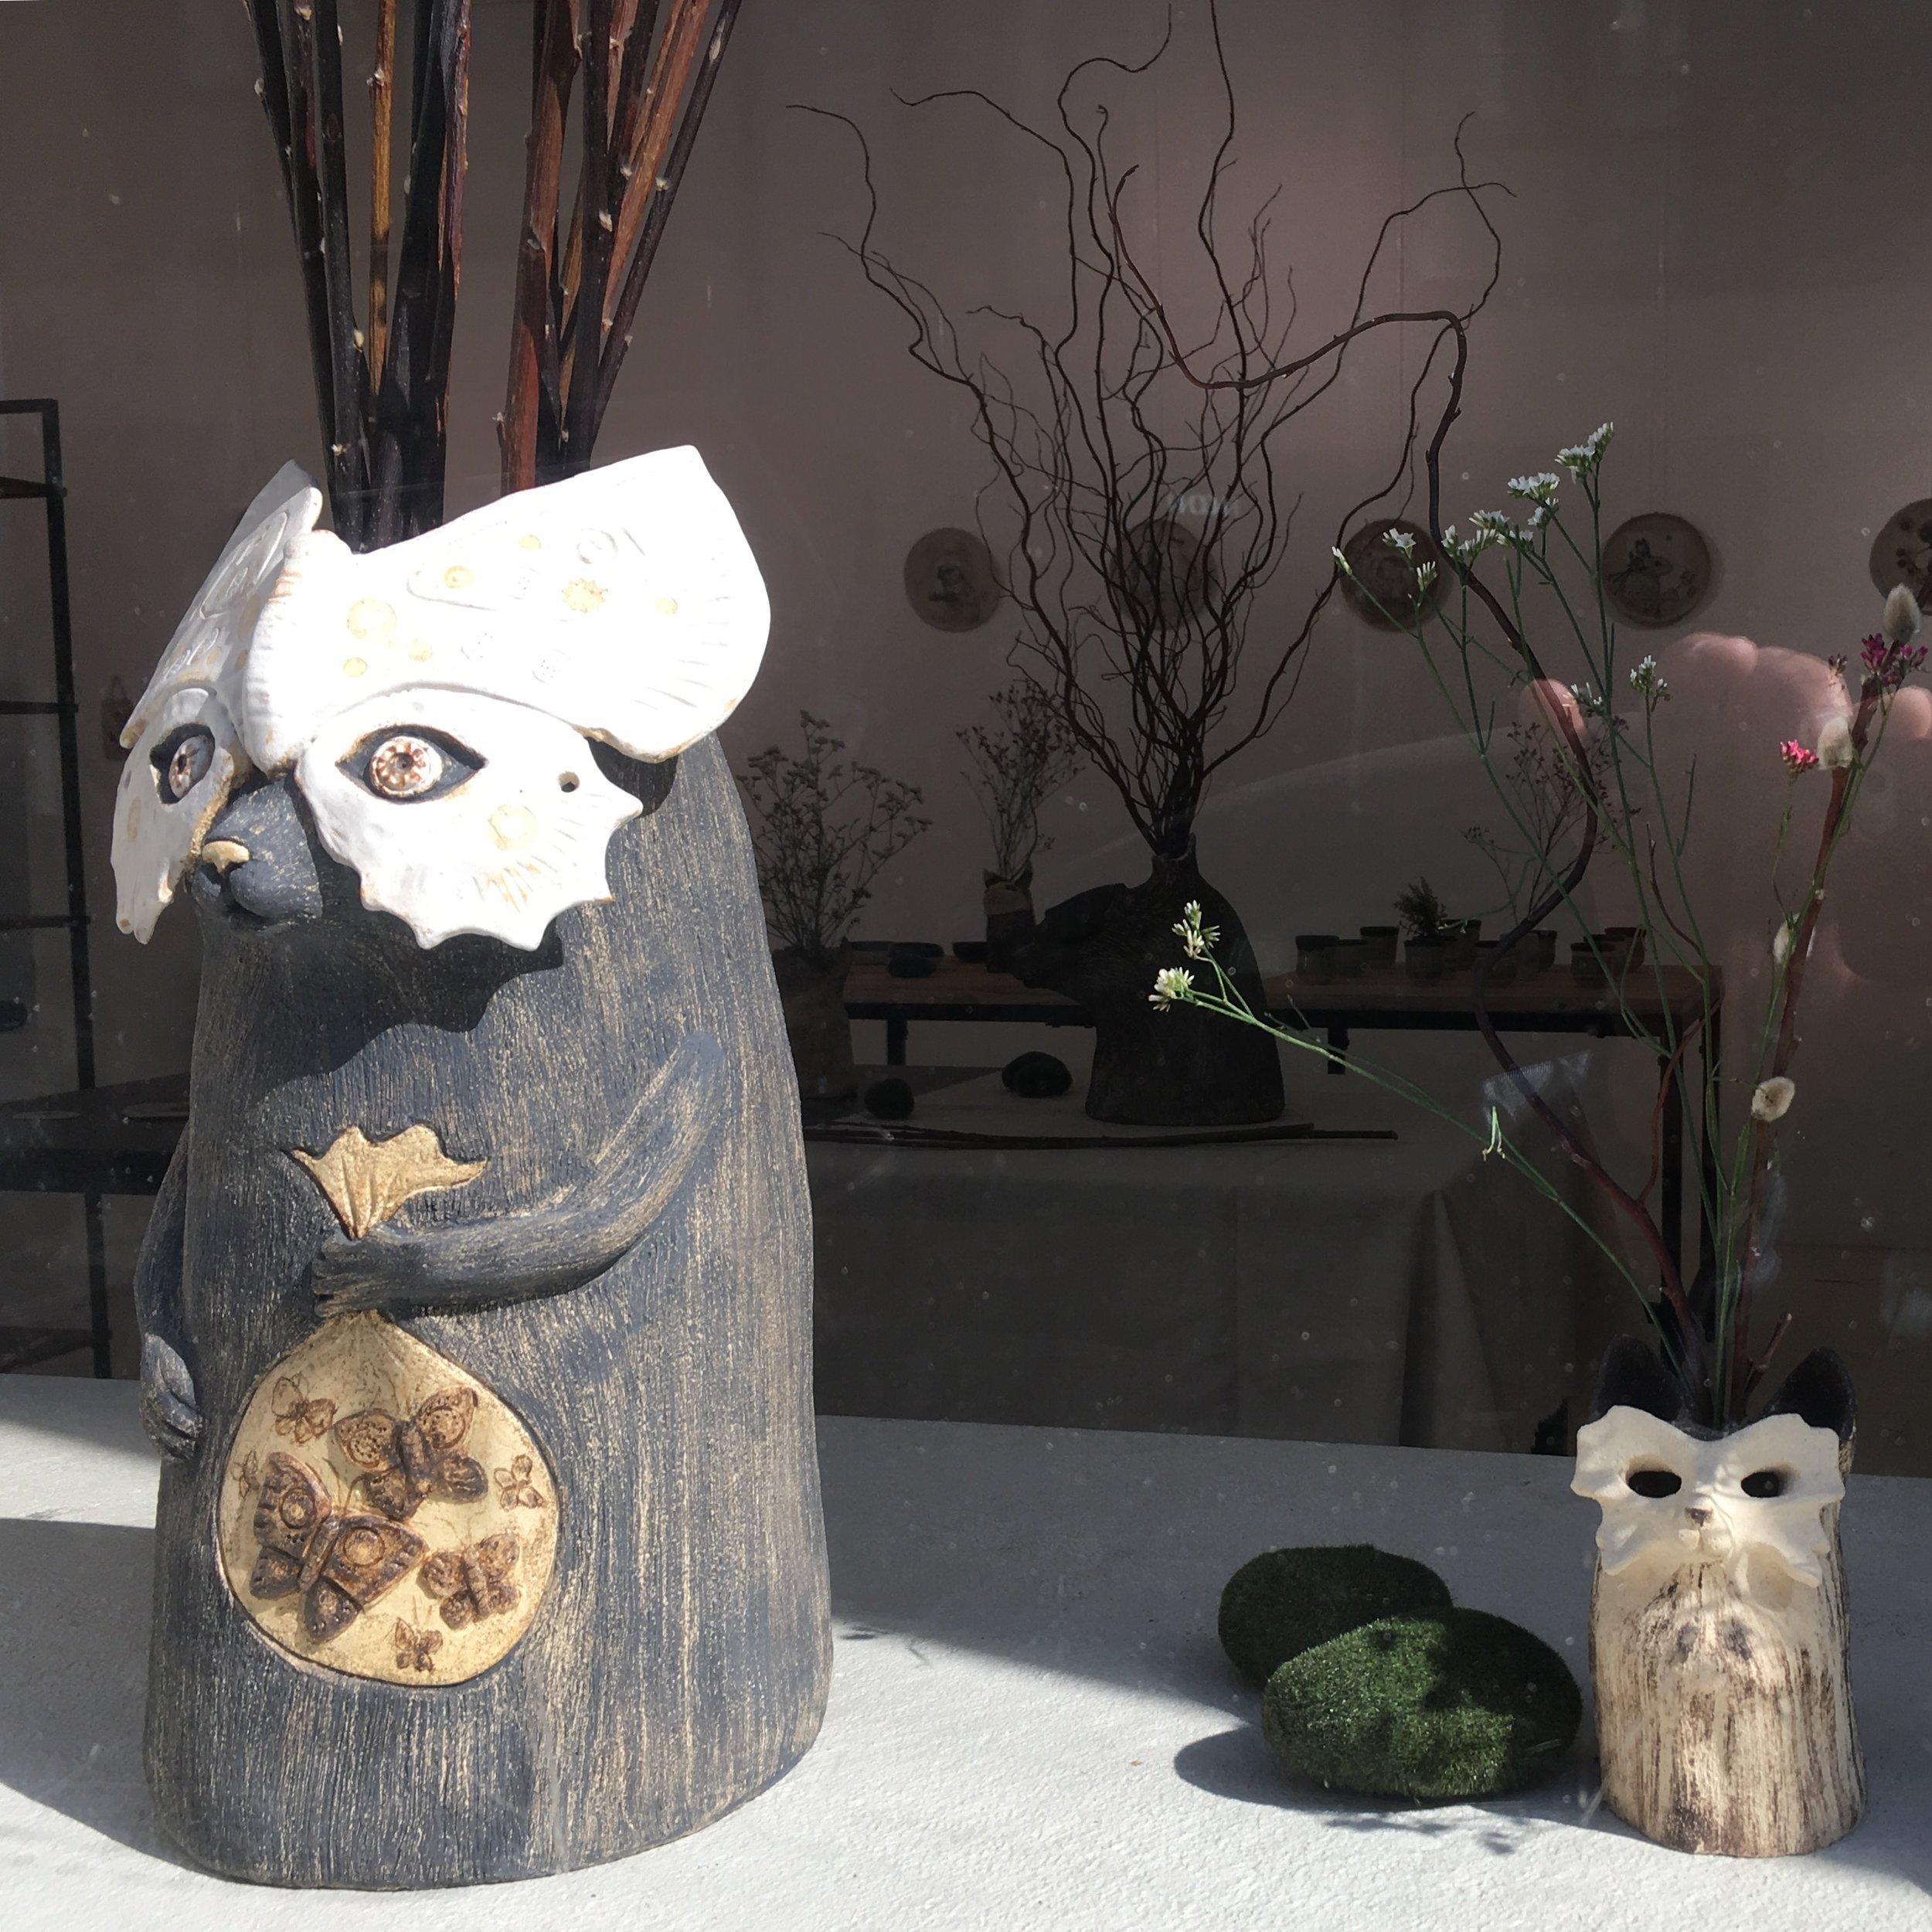 Retrouvez mes céramiques à la Sway Gallery - 18-20 RUE DE THORIGNYPARIS 75003